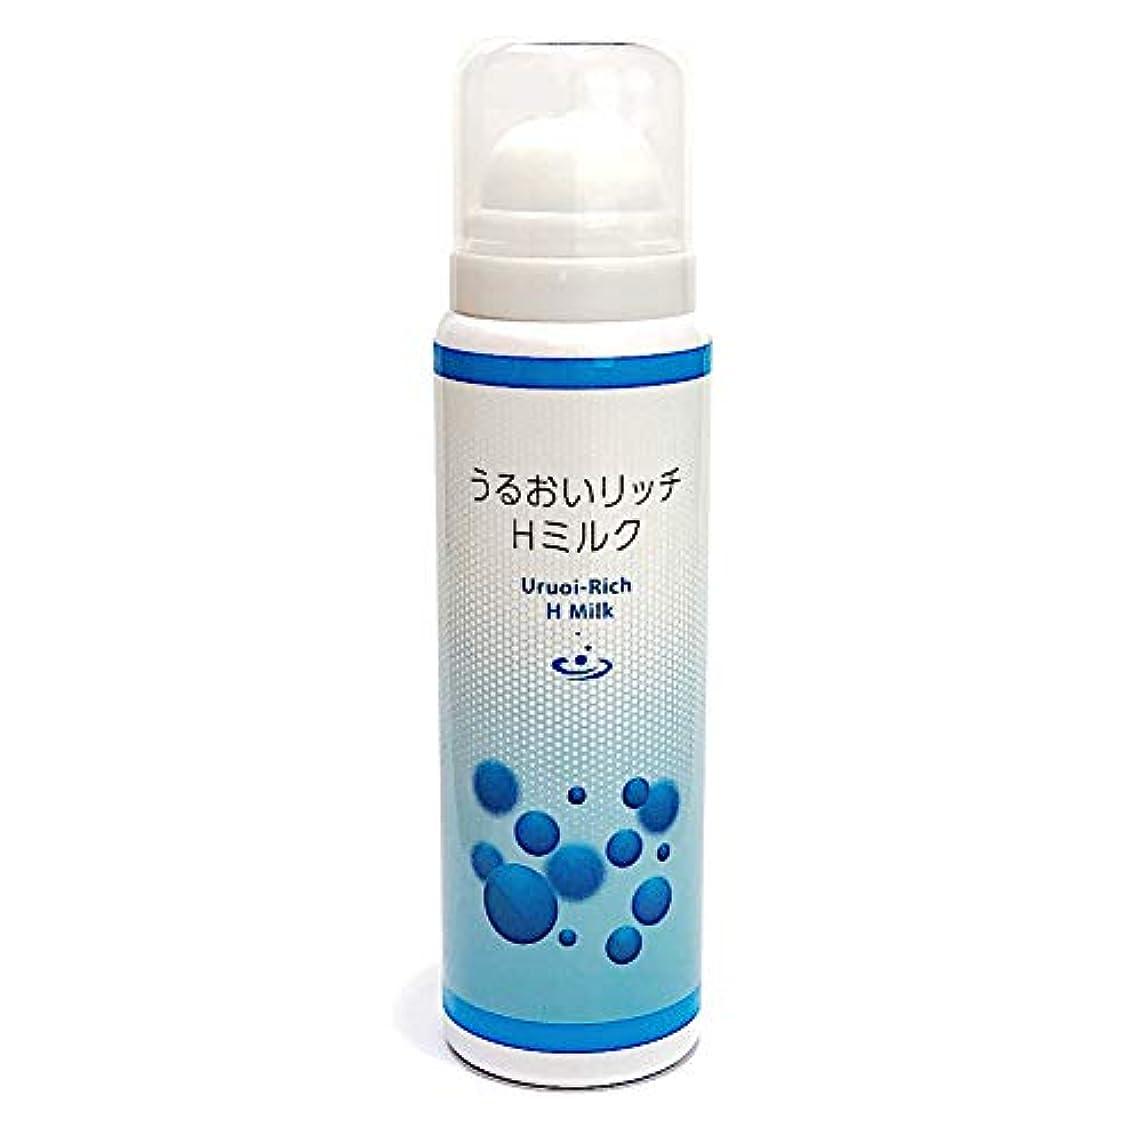 約設定健康的誰でもうるおいリッチHミルク ドクターズコスメ 豊田雅彦先生プロデュース 高濃度水素配合乳液 80g